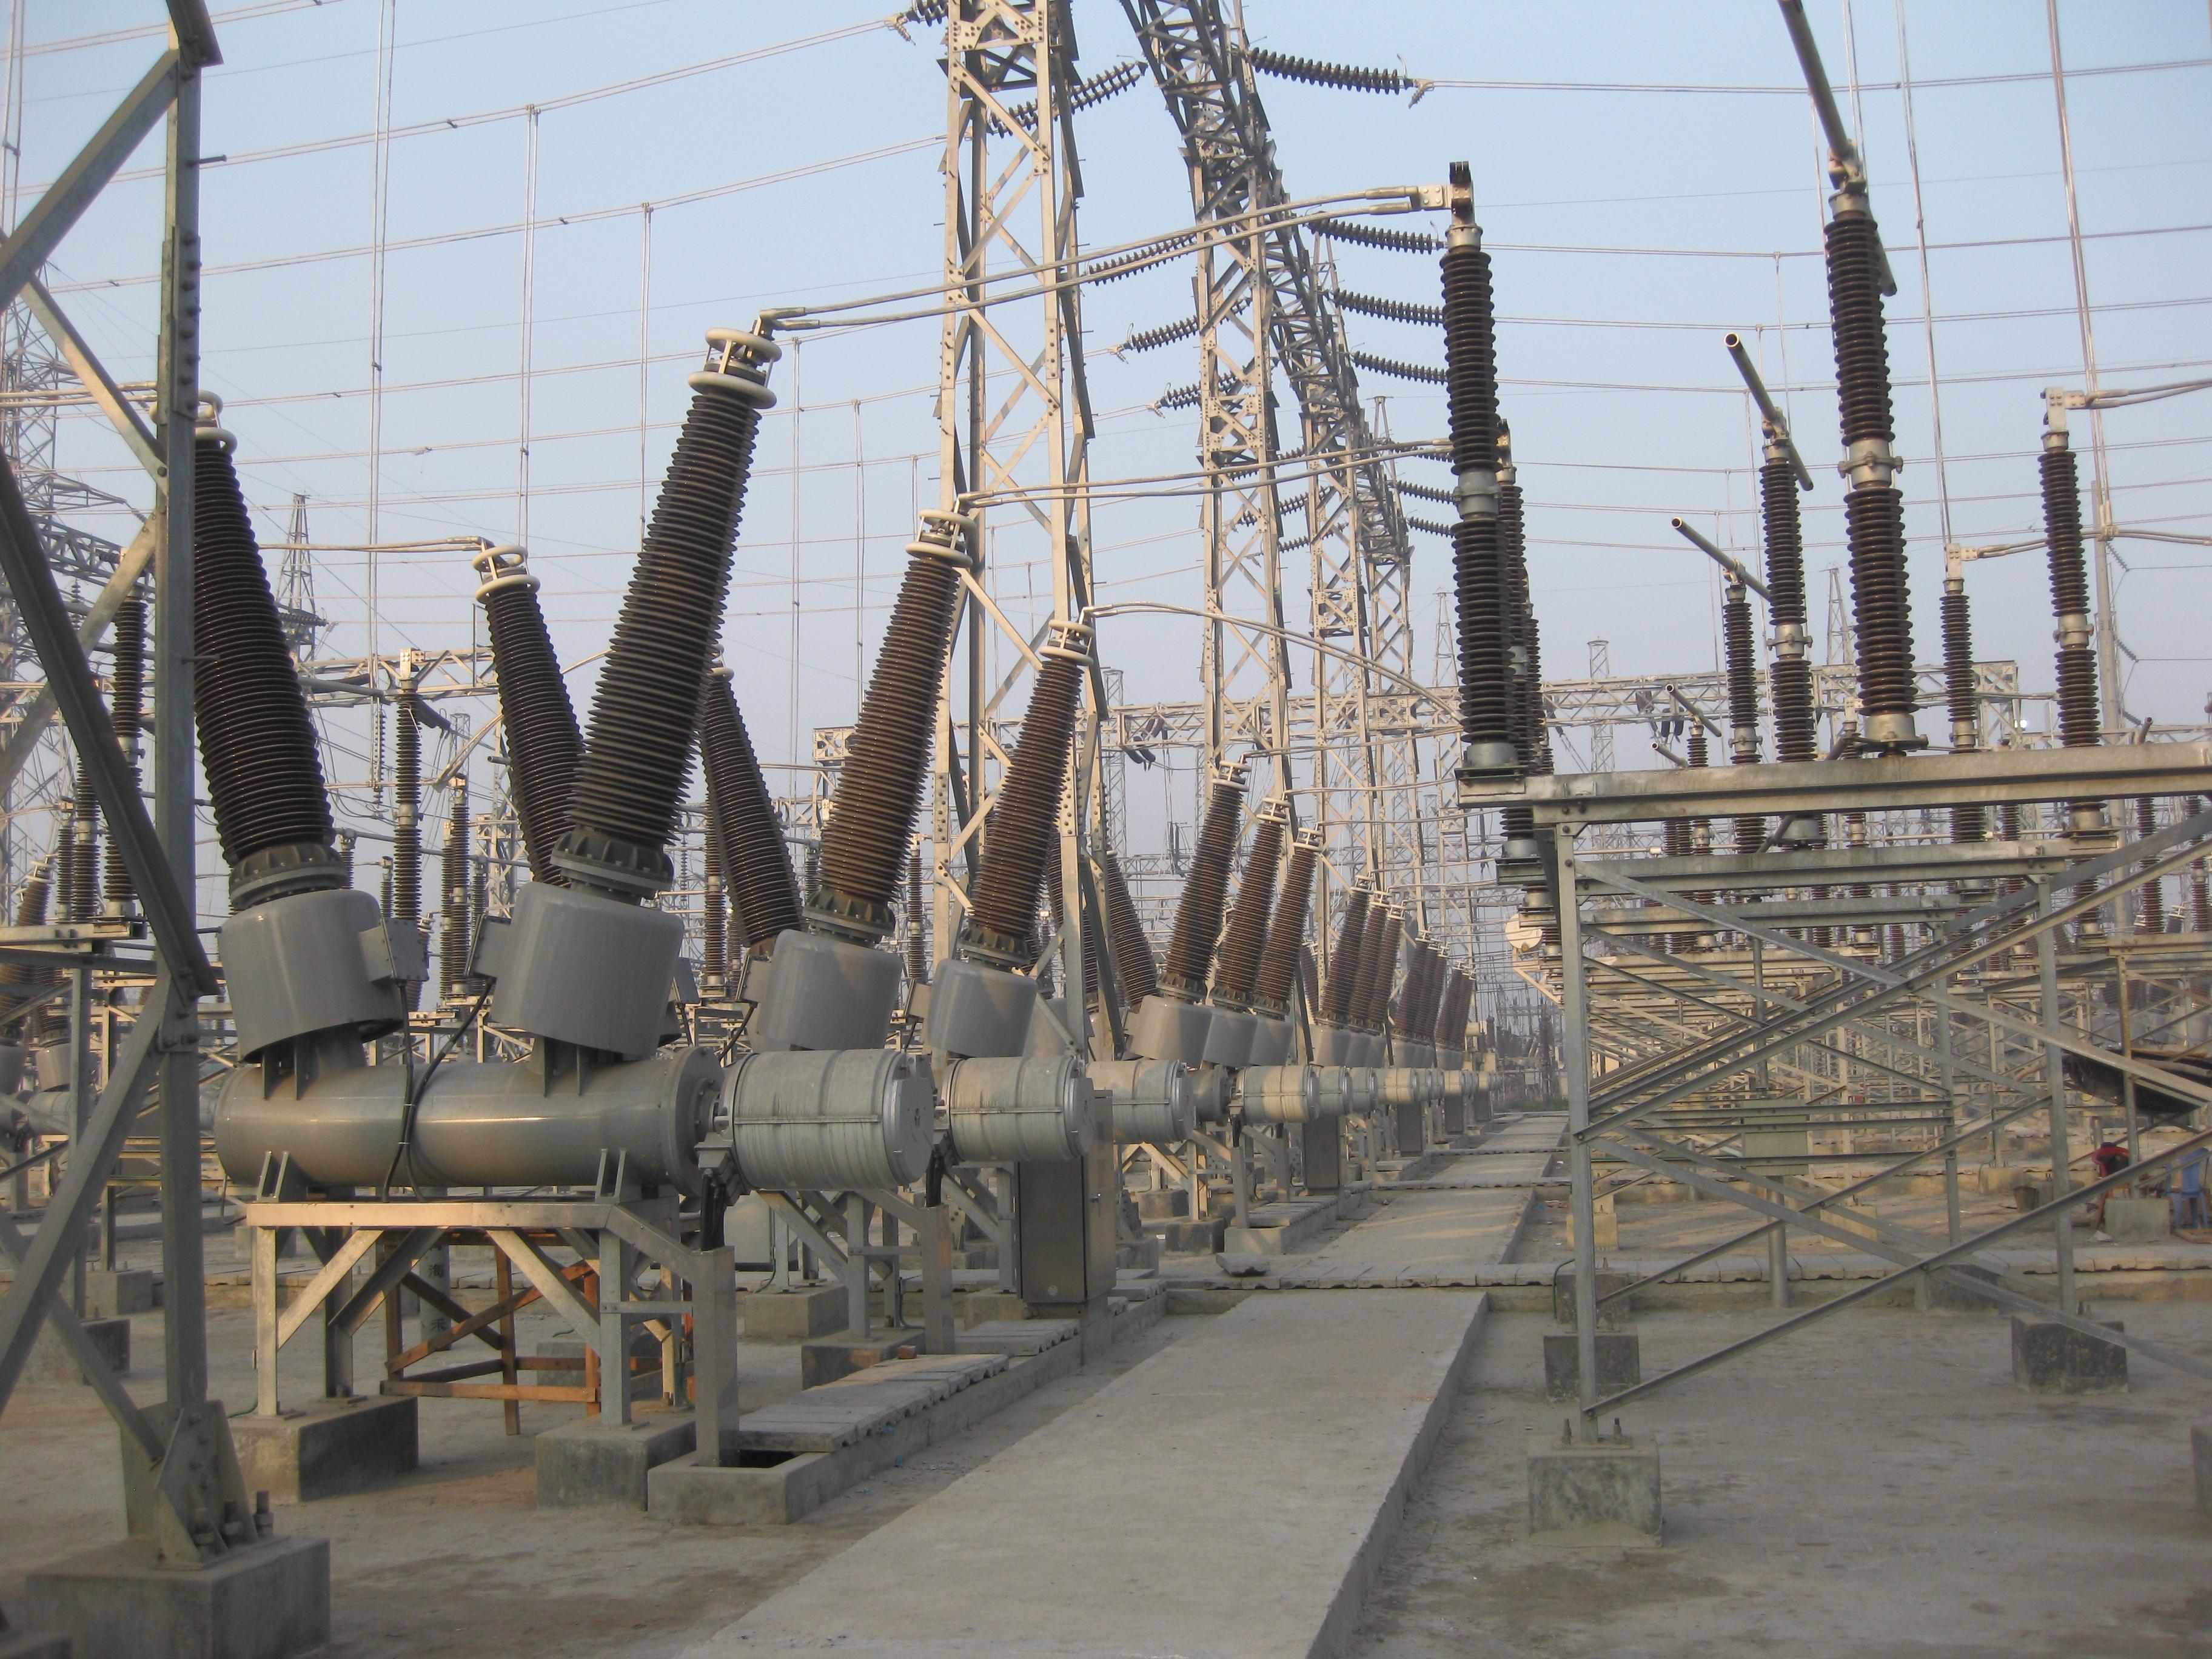 230kV SIDDHIRGANJ Substation